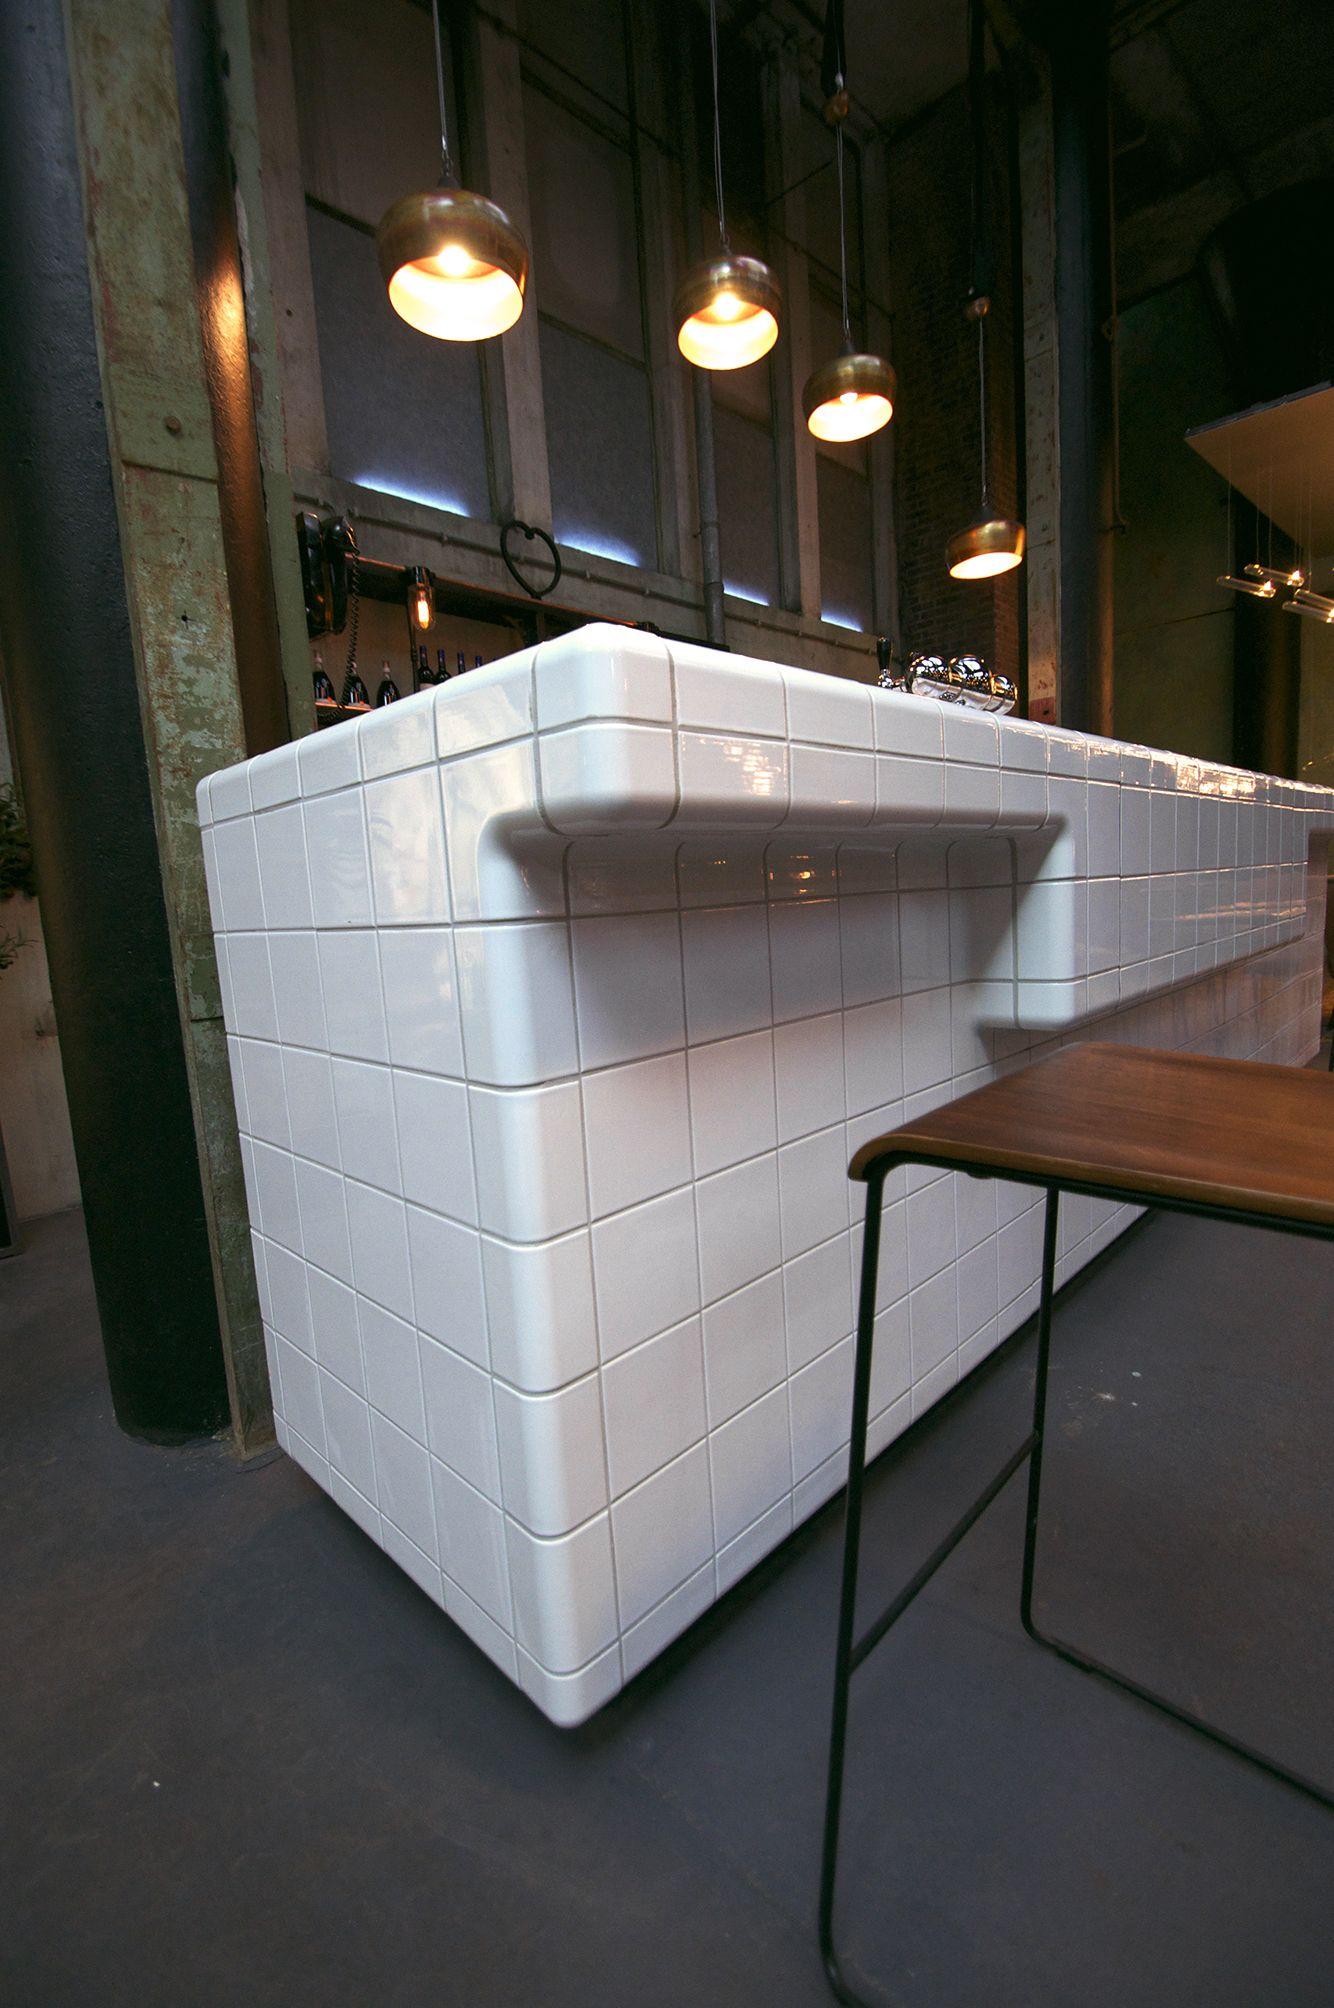 Dtile Le Carrelage Le Plus Polyvalant Du Monde Qui S Adapte A Vos Surfaces Carrelage Decoration Cuisine